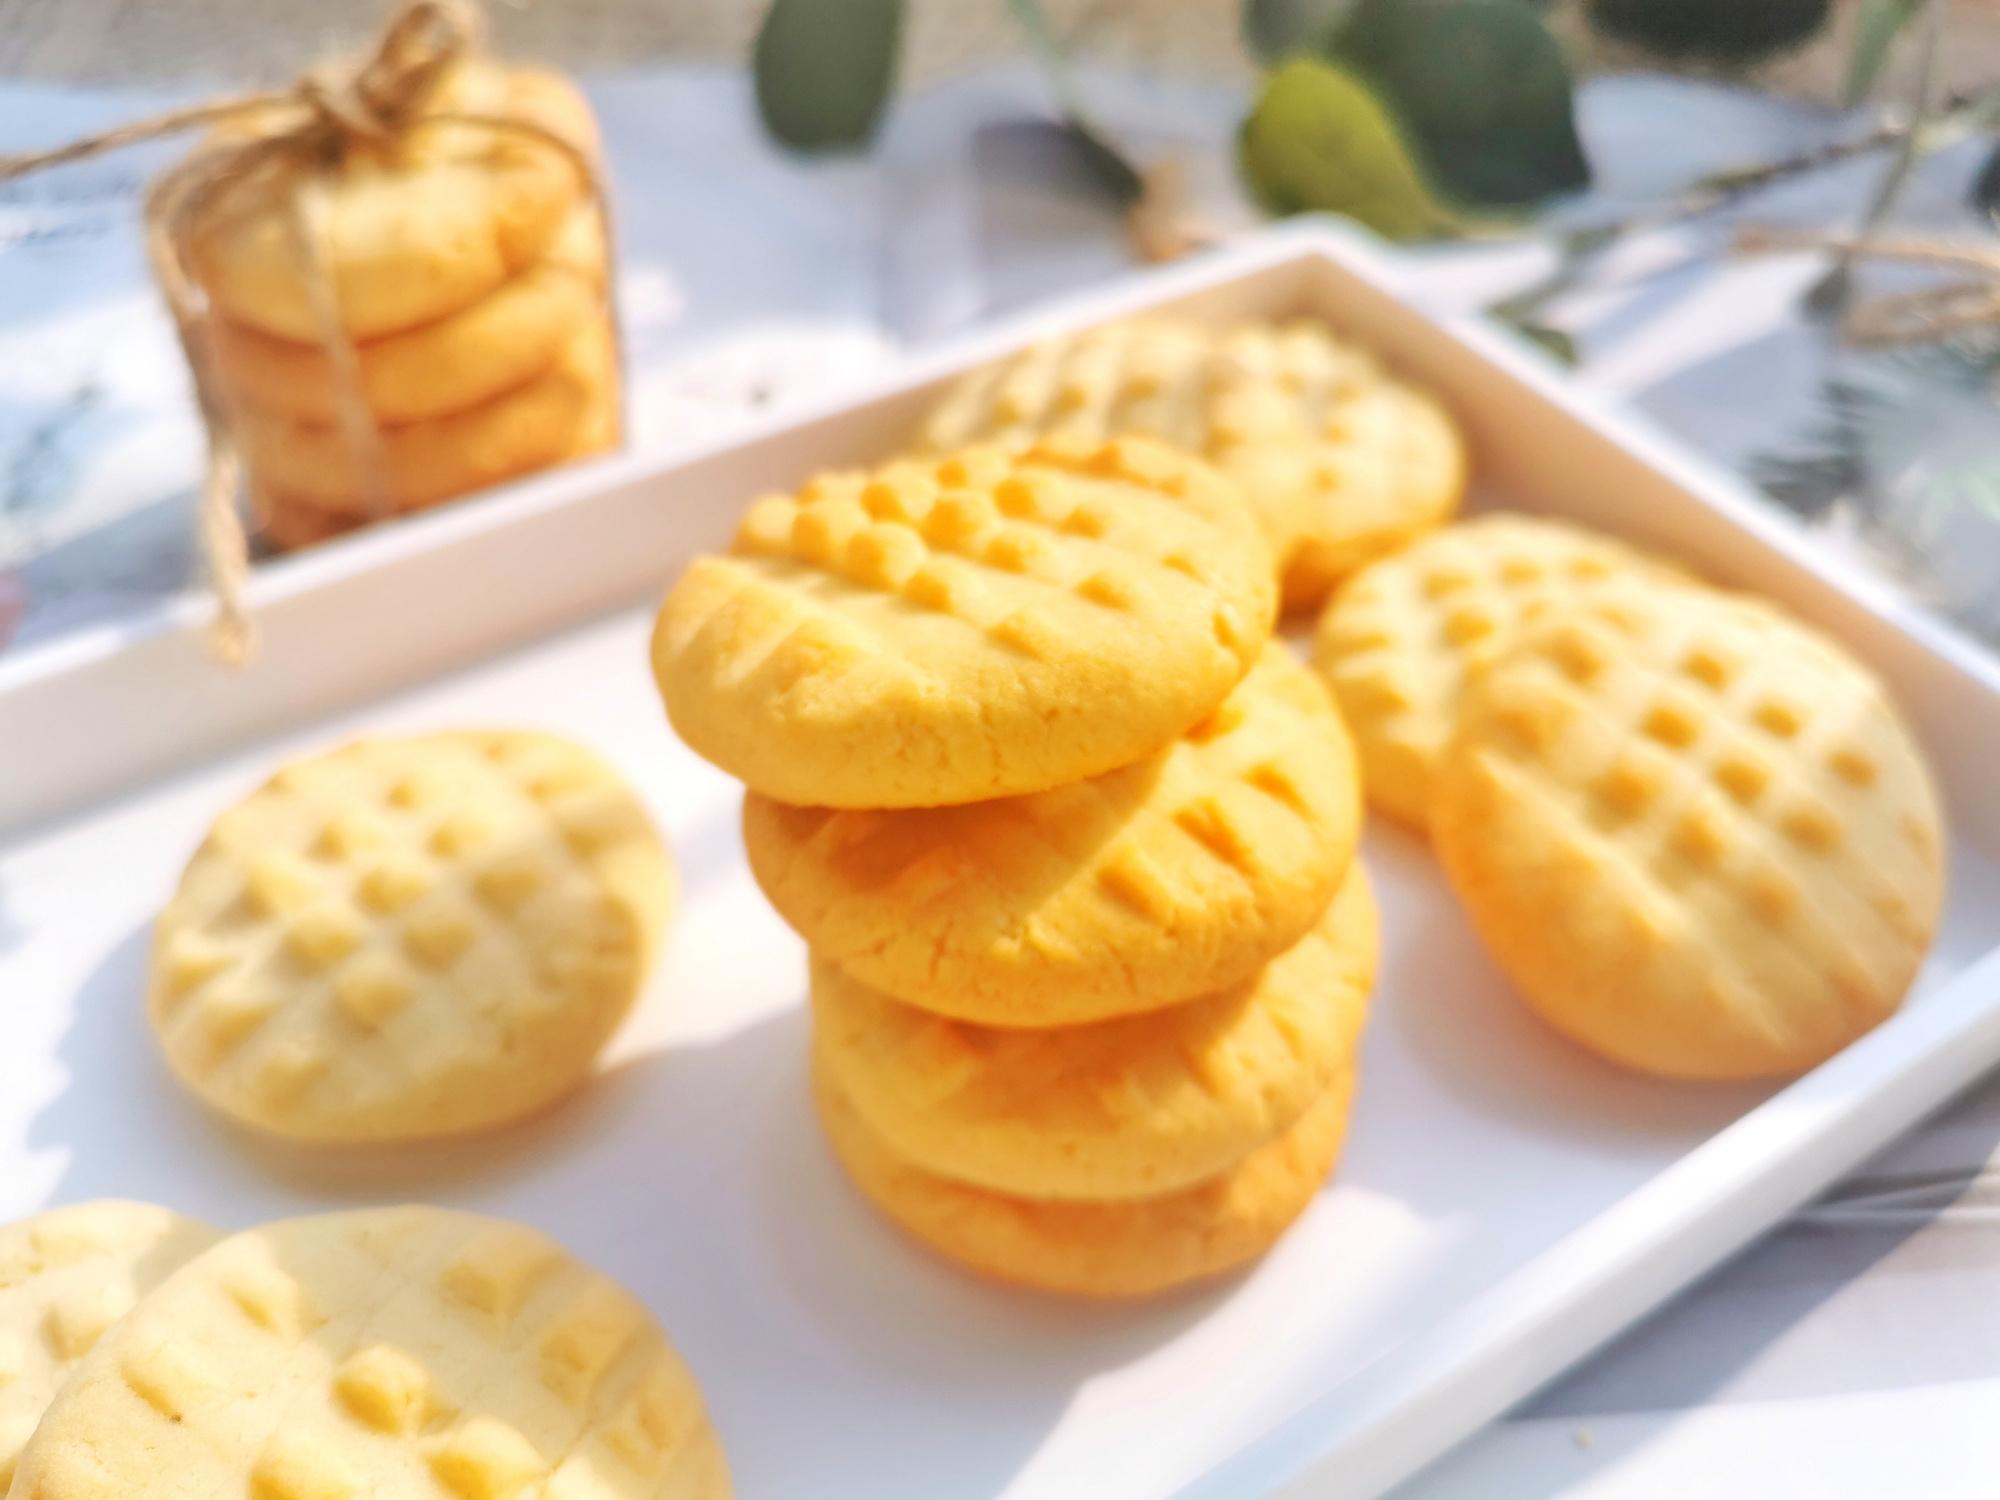 自製花生醬,不加水不加油,香濃細膩,用來做曲奇餅乾太香了